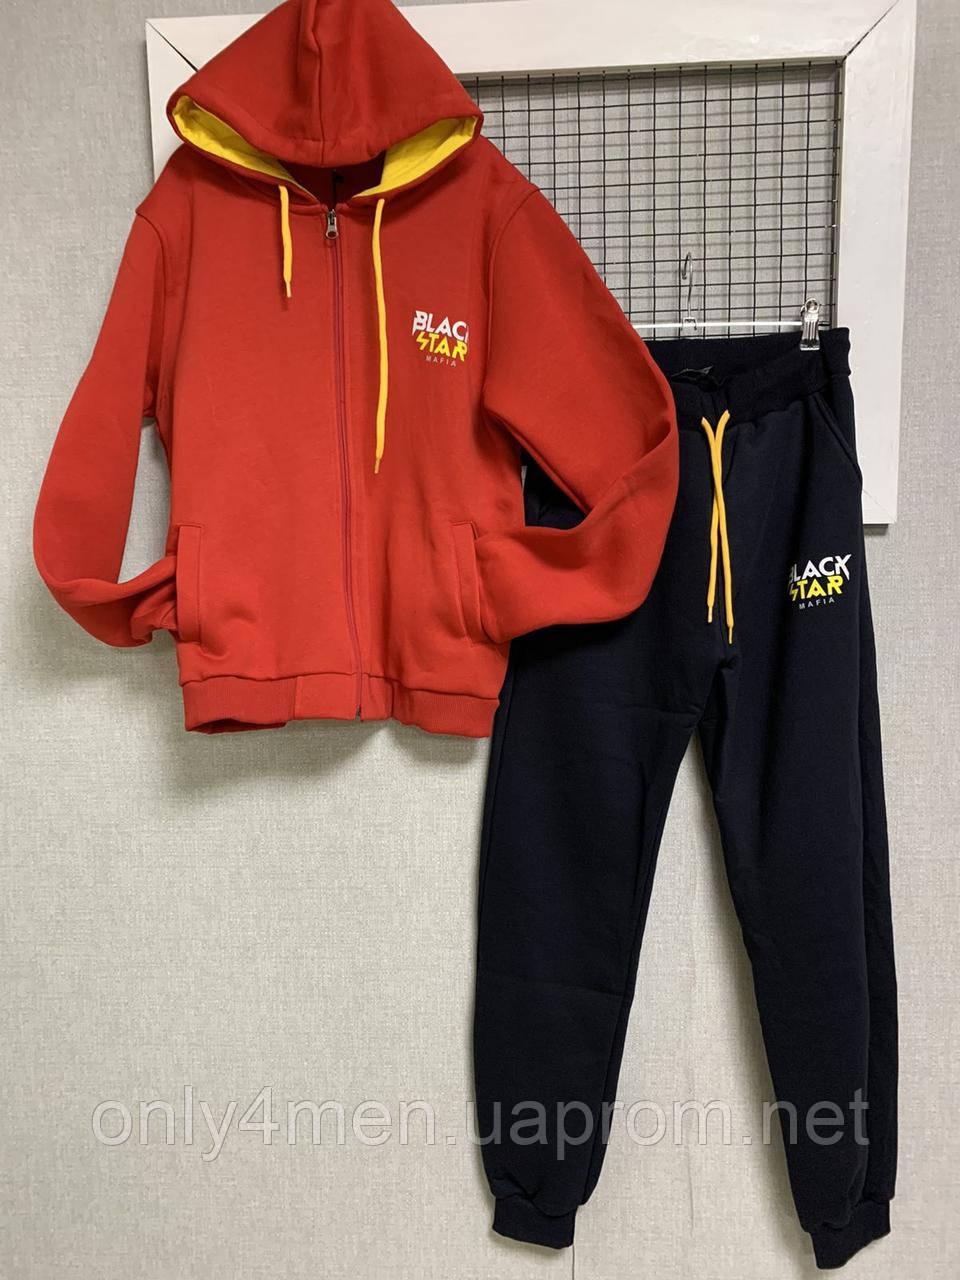 Спортивный костюм на флисе для мальчика 134-176см